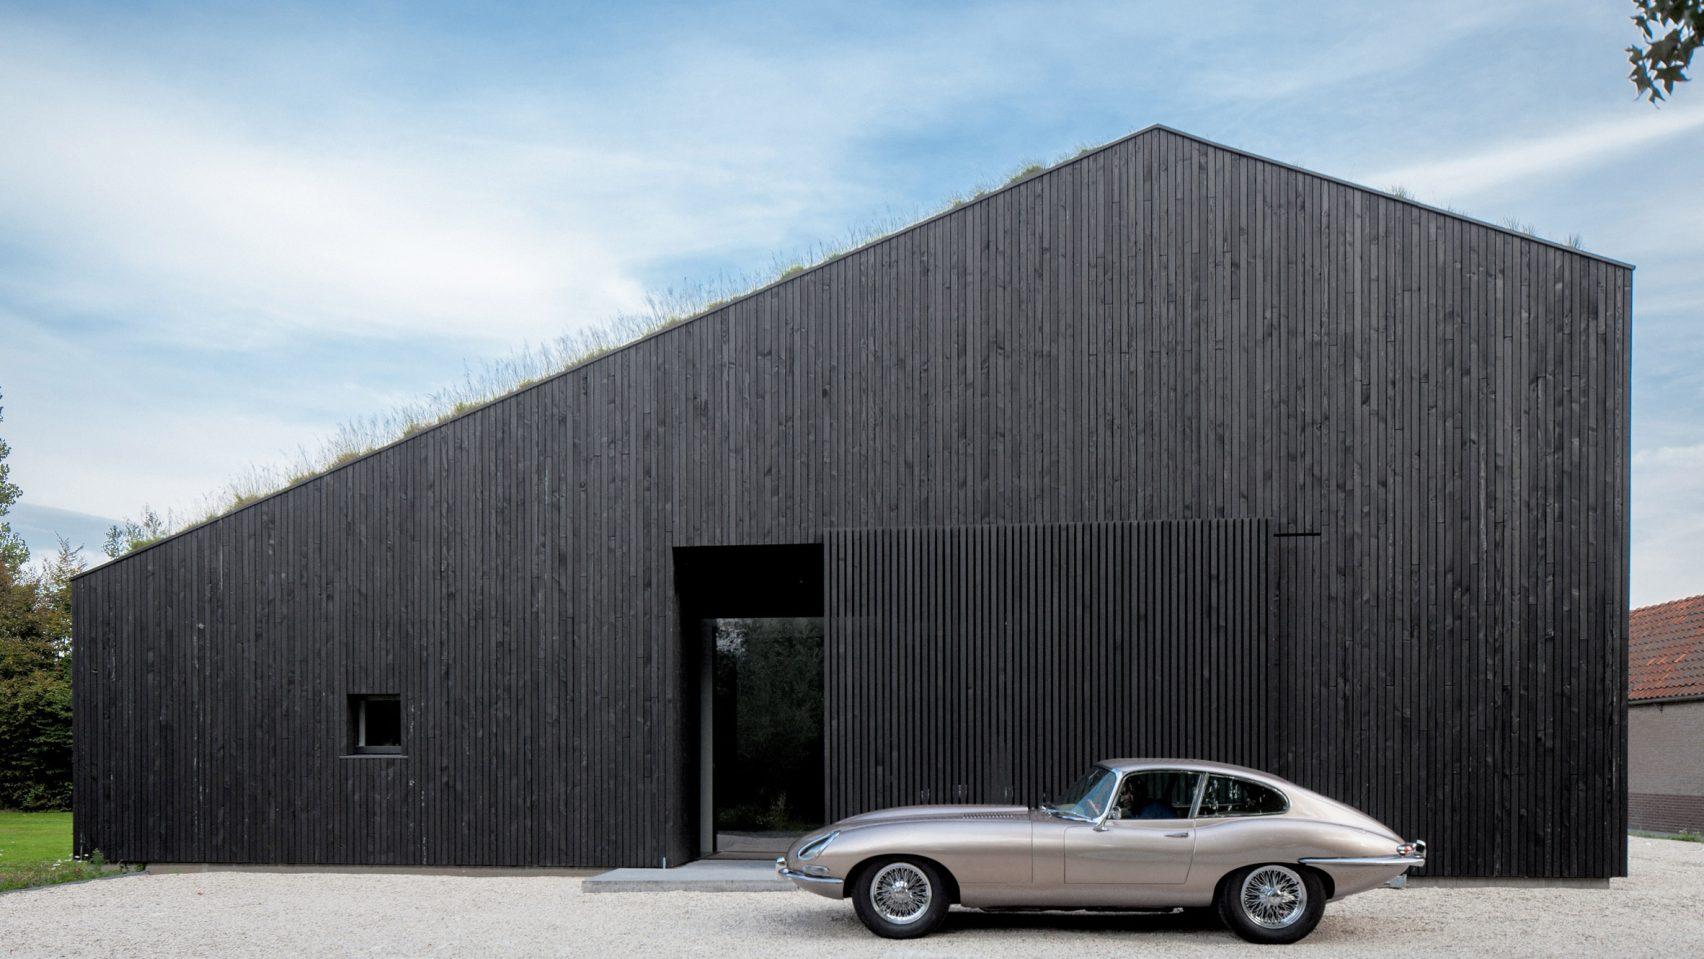 villa-SG21-fillieverhoeven-architects-residential-architecture_dezeen_hero1-1704x959